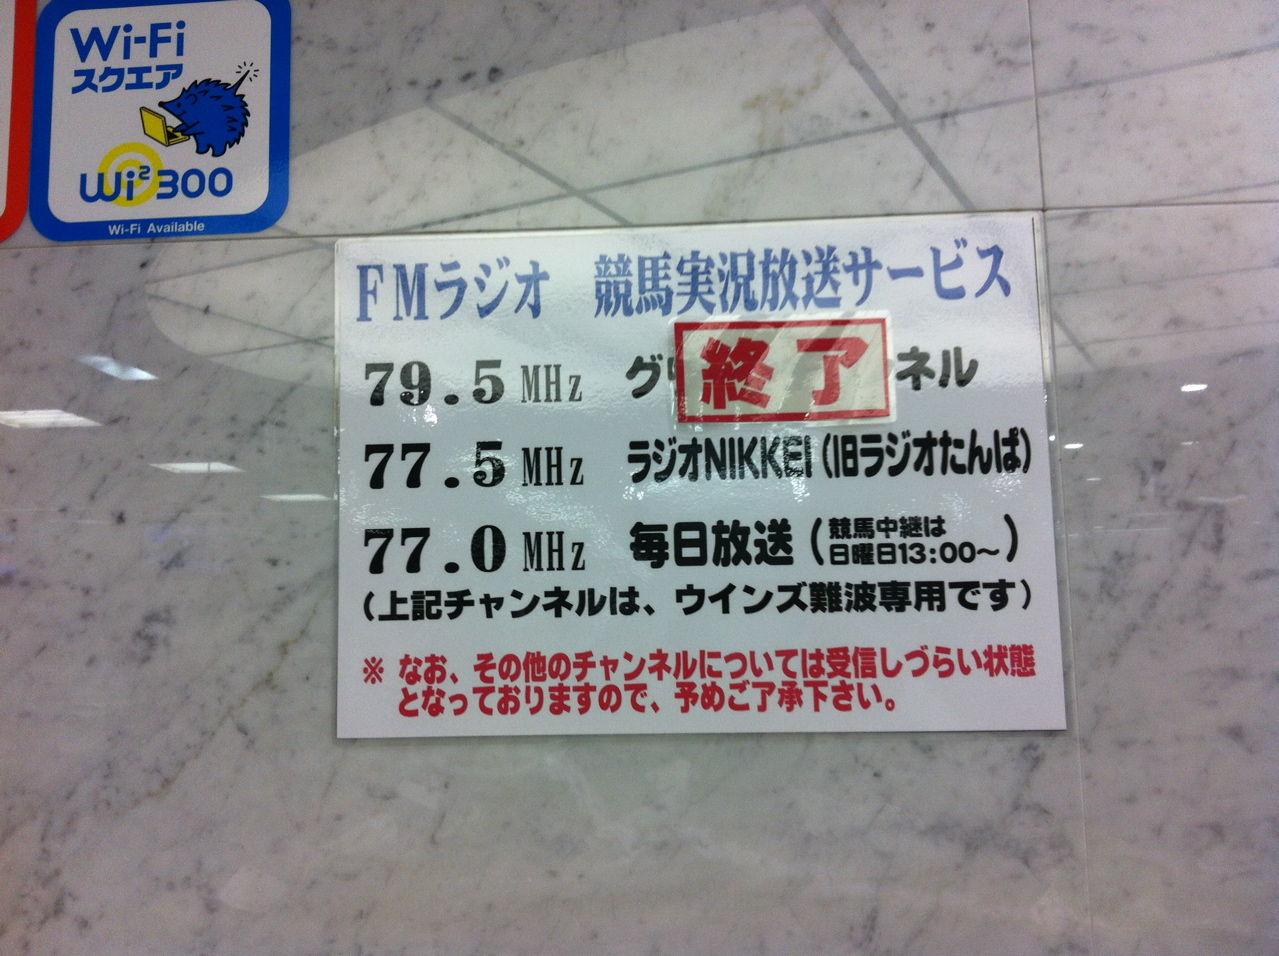 WIND難波内でのRADIO再送信 ラジオ大阪「ドラマティック競馬」も入れてほしいんですが。